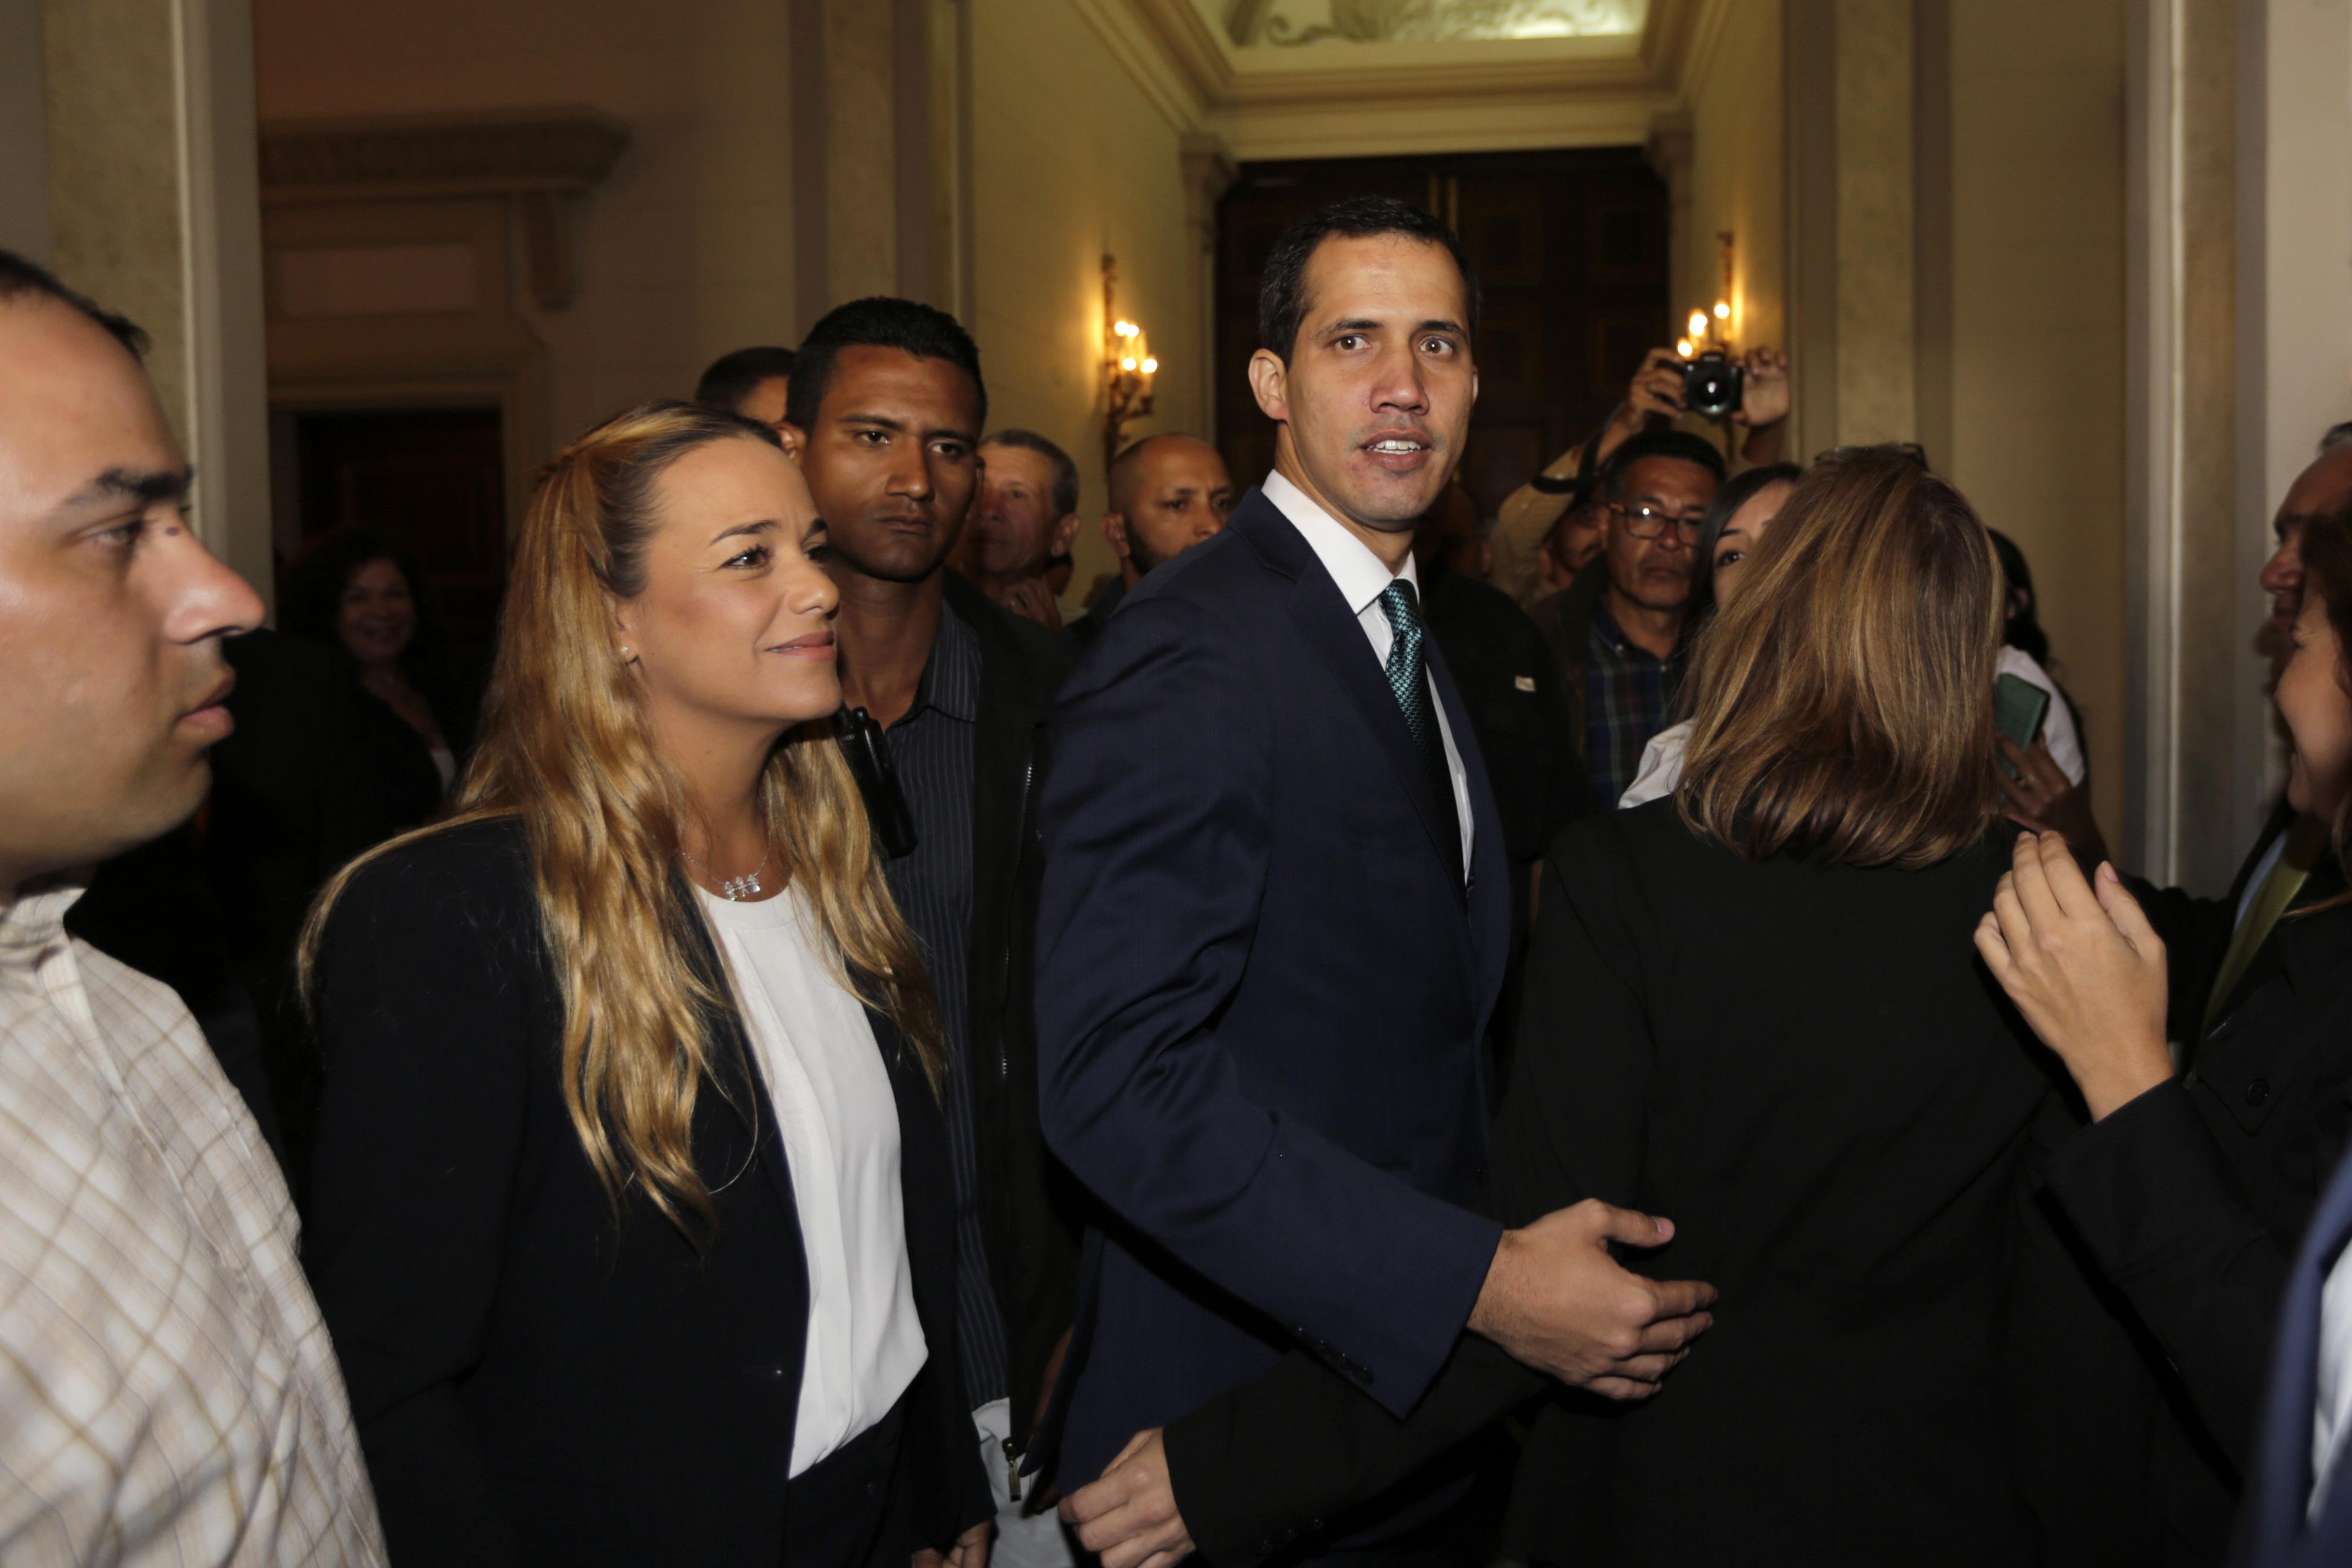 غوايدو أمام حشد يضم زوجة قيادي بالمعارضة الفنزويلية(ليوبولدو لوبيز) موضوع قيد الإقامة الجبرية